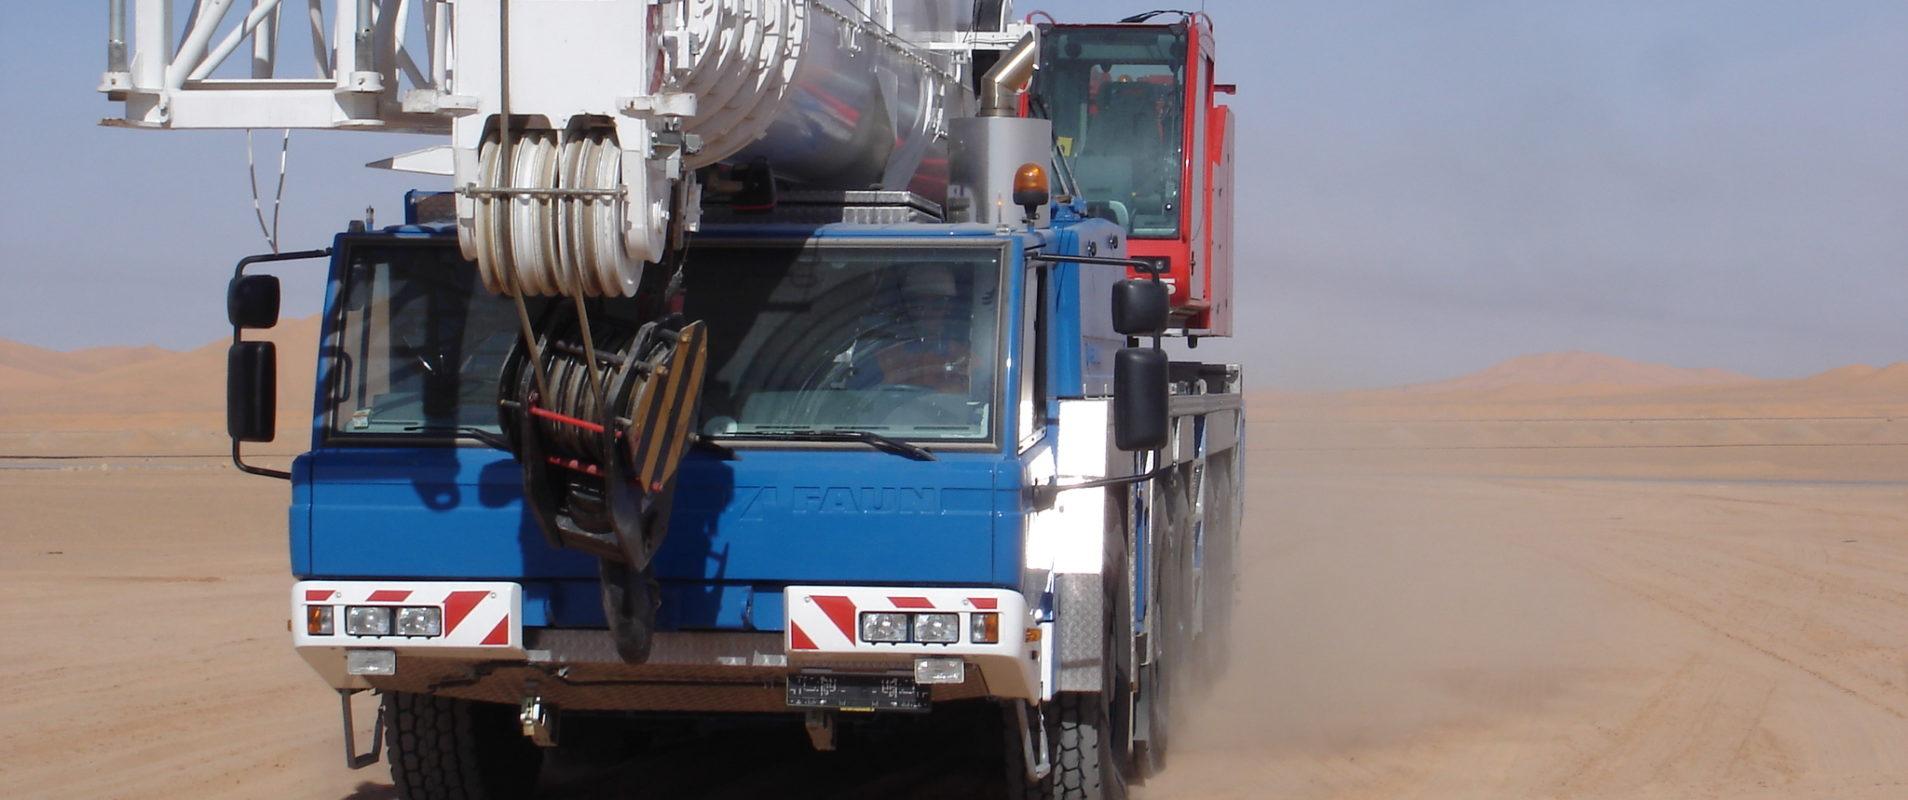 Einsatz im Algerien mit M.S. Schuch GmbH & Co. KG